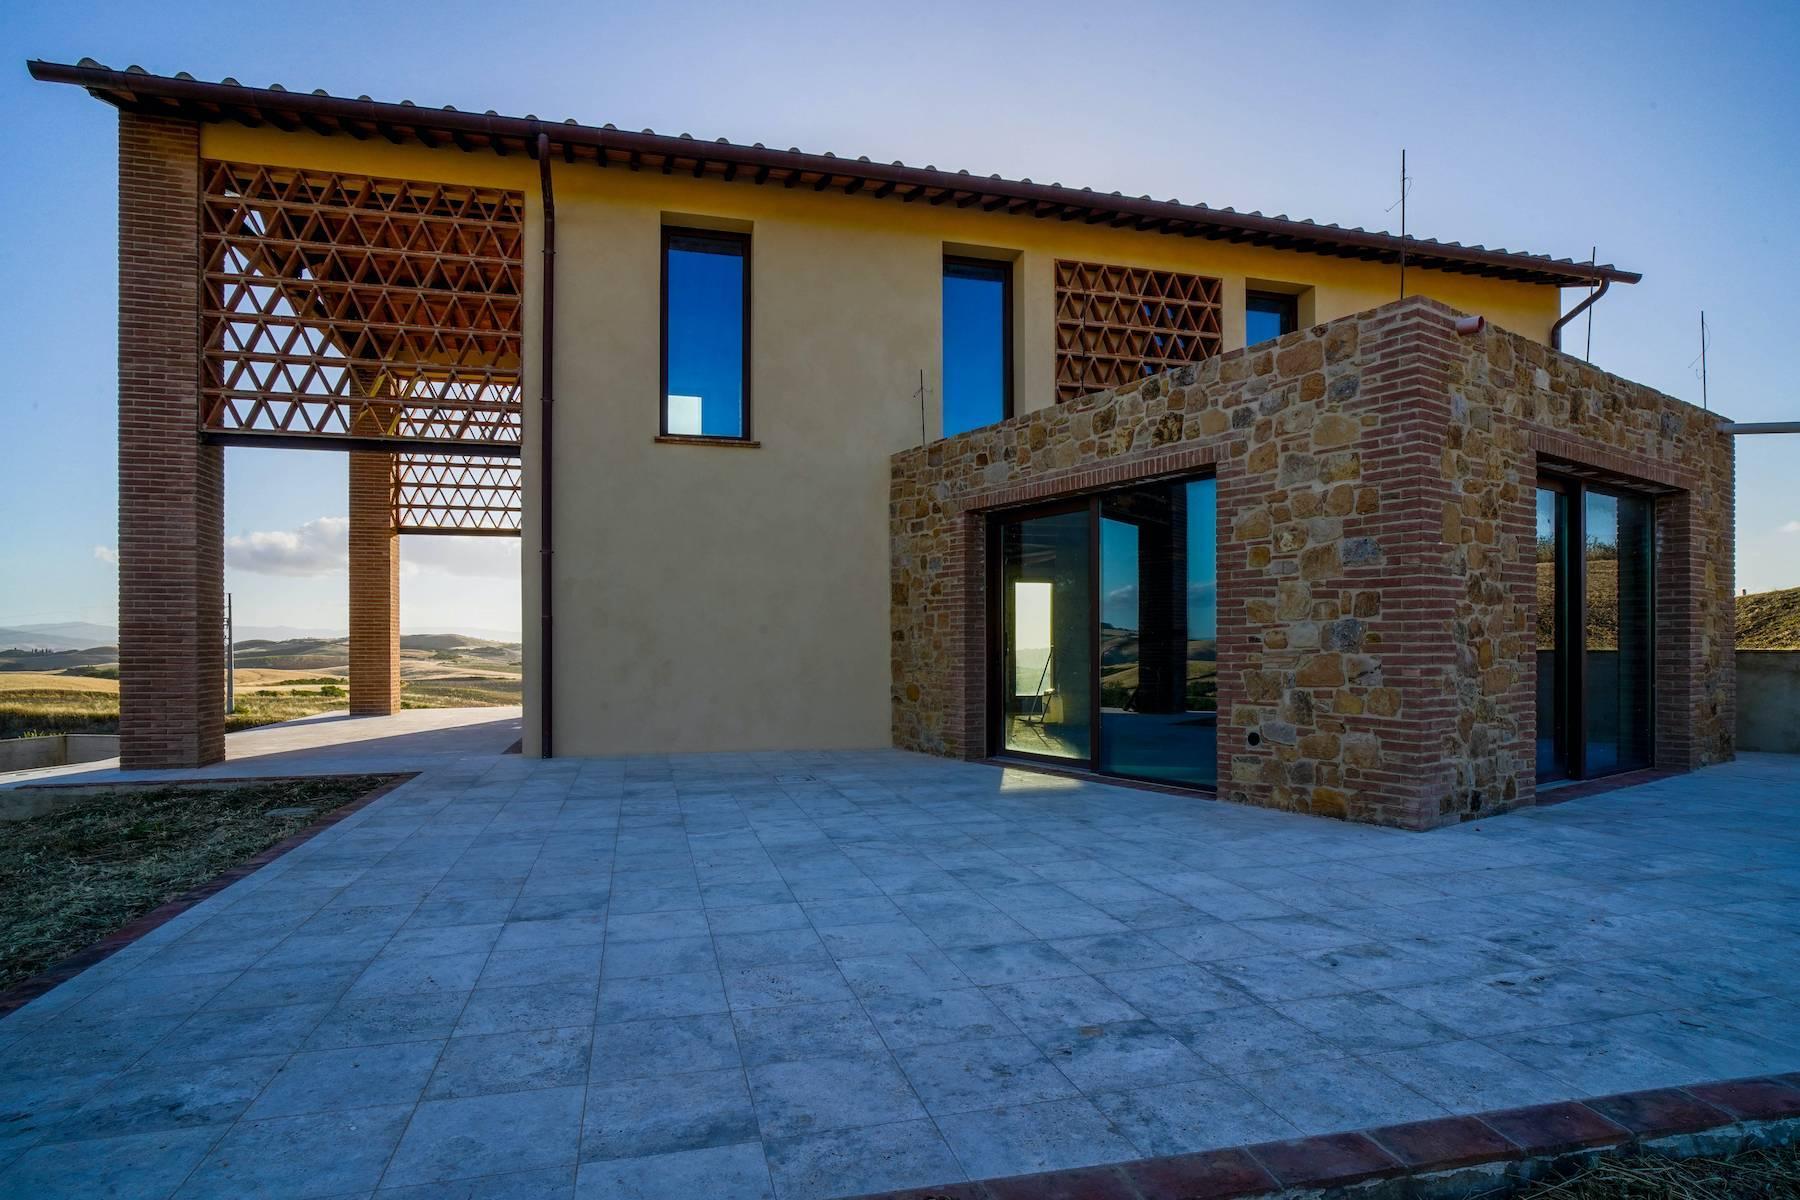 Wunderschönes Anwesen in der Nähe von Volterra und San Gimignano - 3